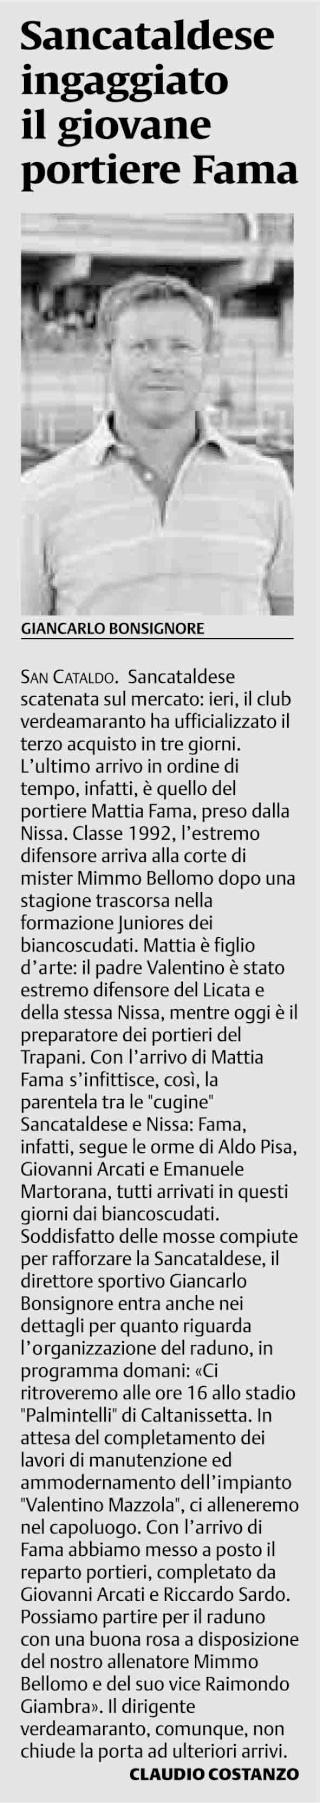 Calciomercato Sancataldese - Pagina 2 Cn2211